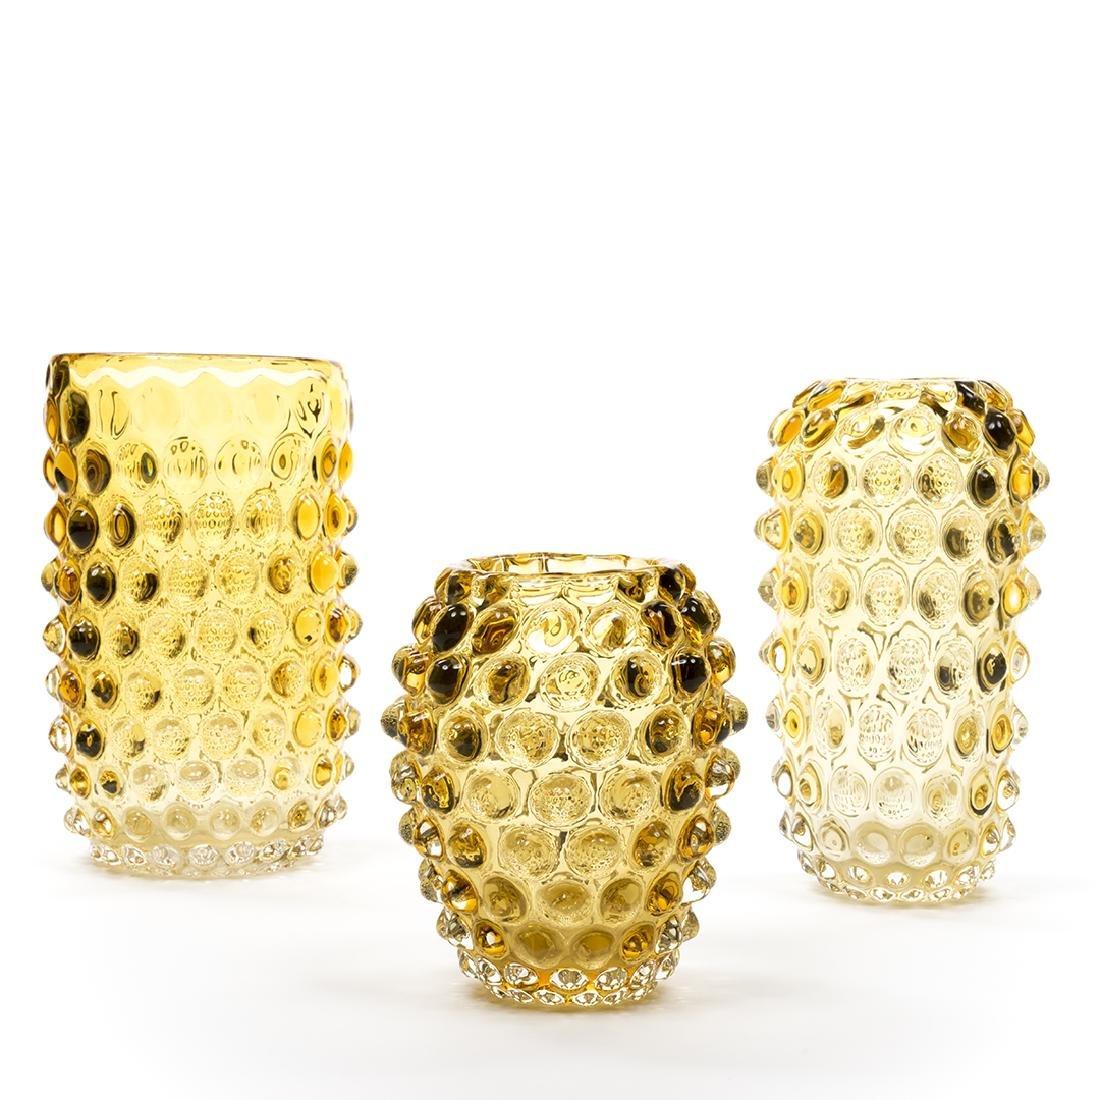 Murano Glass Amber Vases (3) - 2